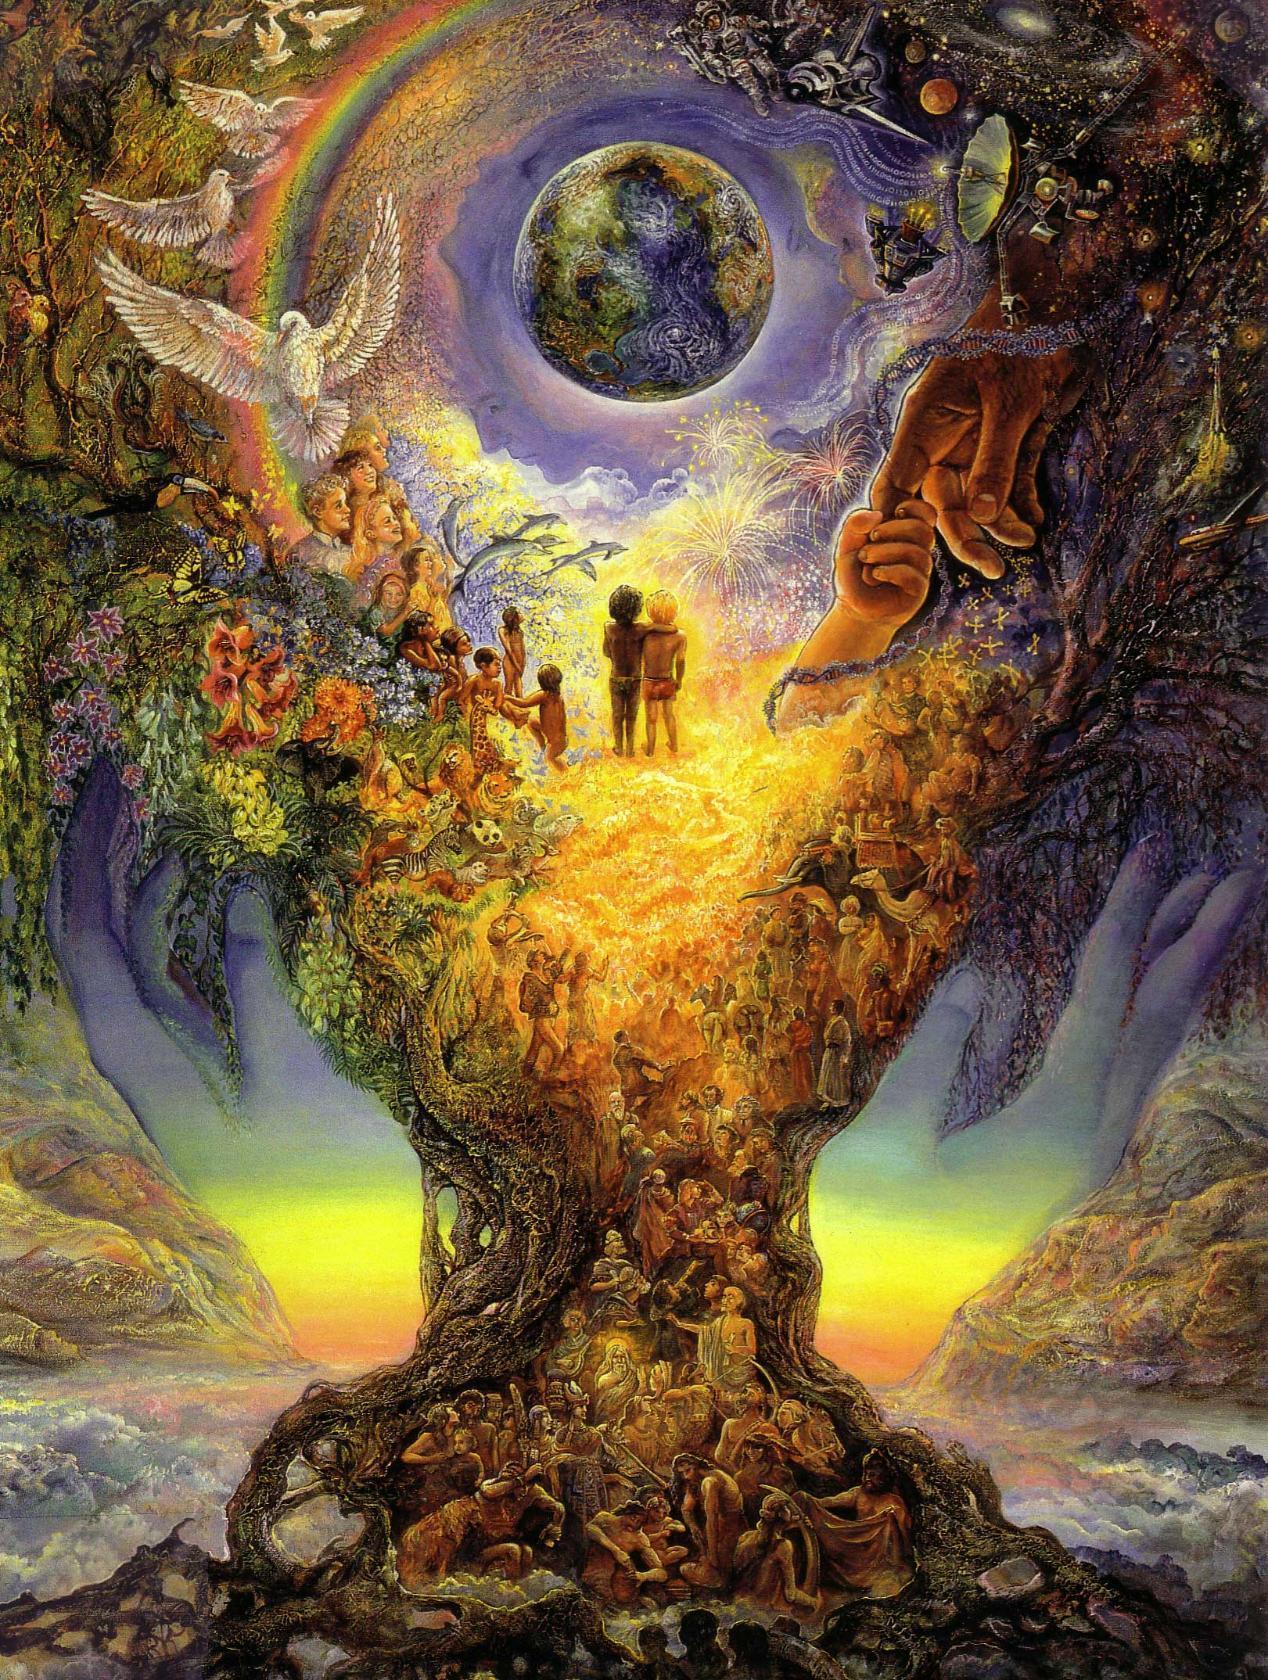 городе фото дерево жизни вселенная его ценит